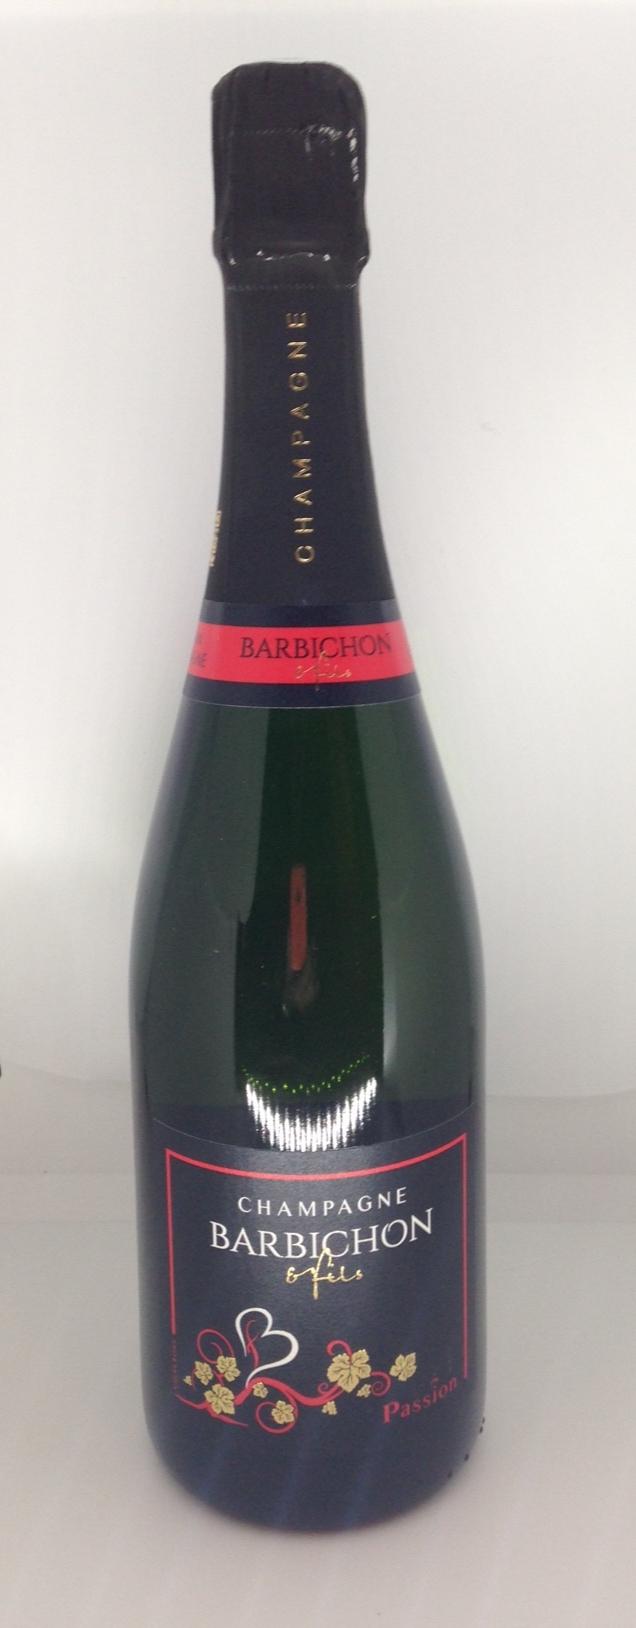 Champagne Barbichon & fils Passion